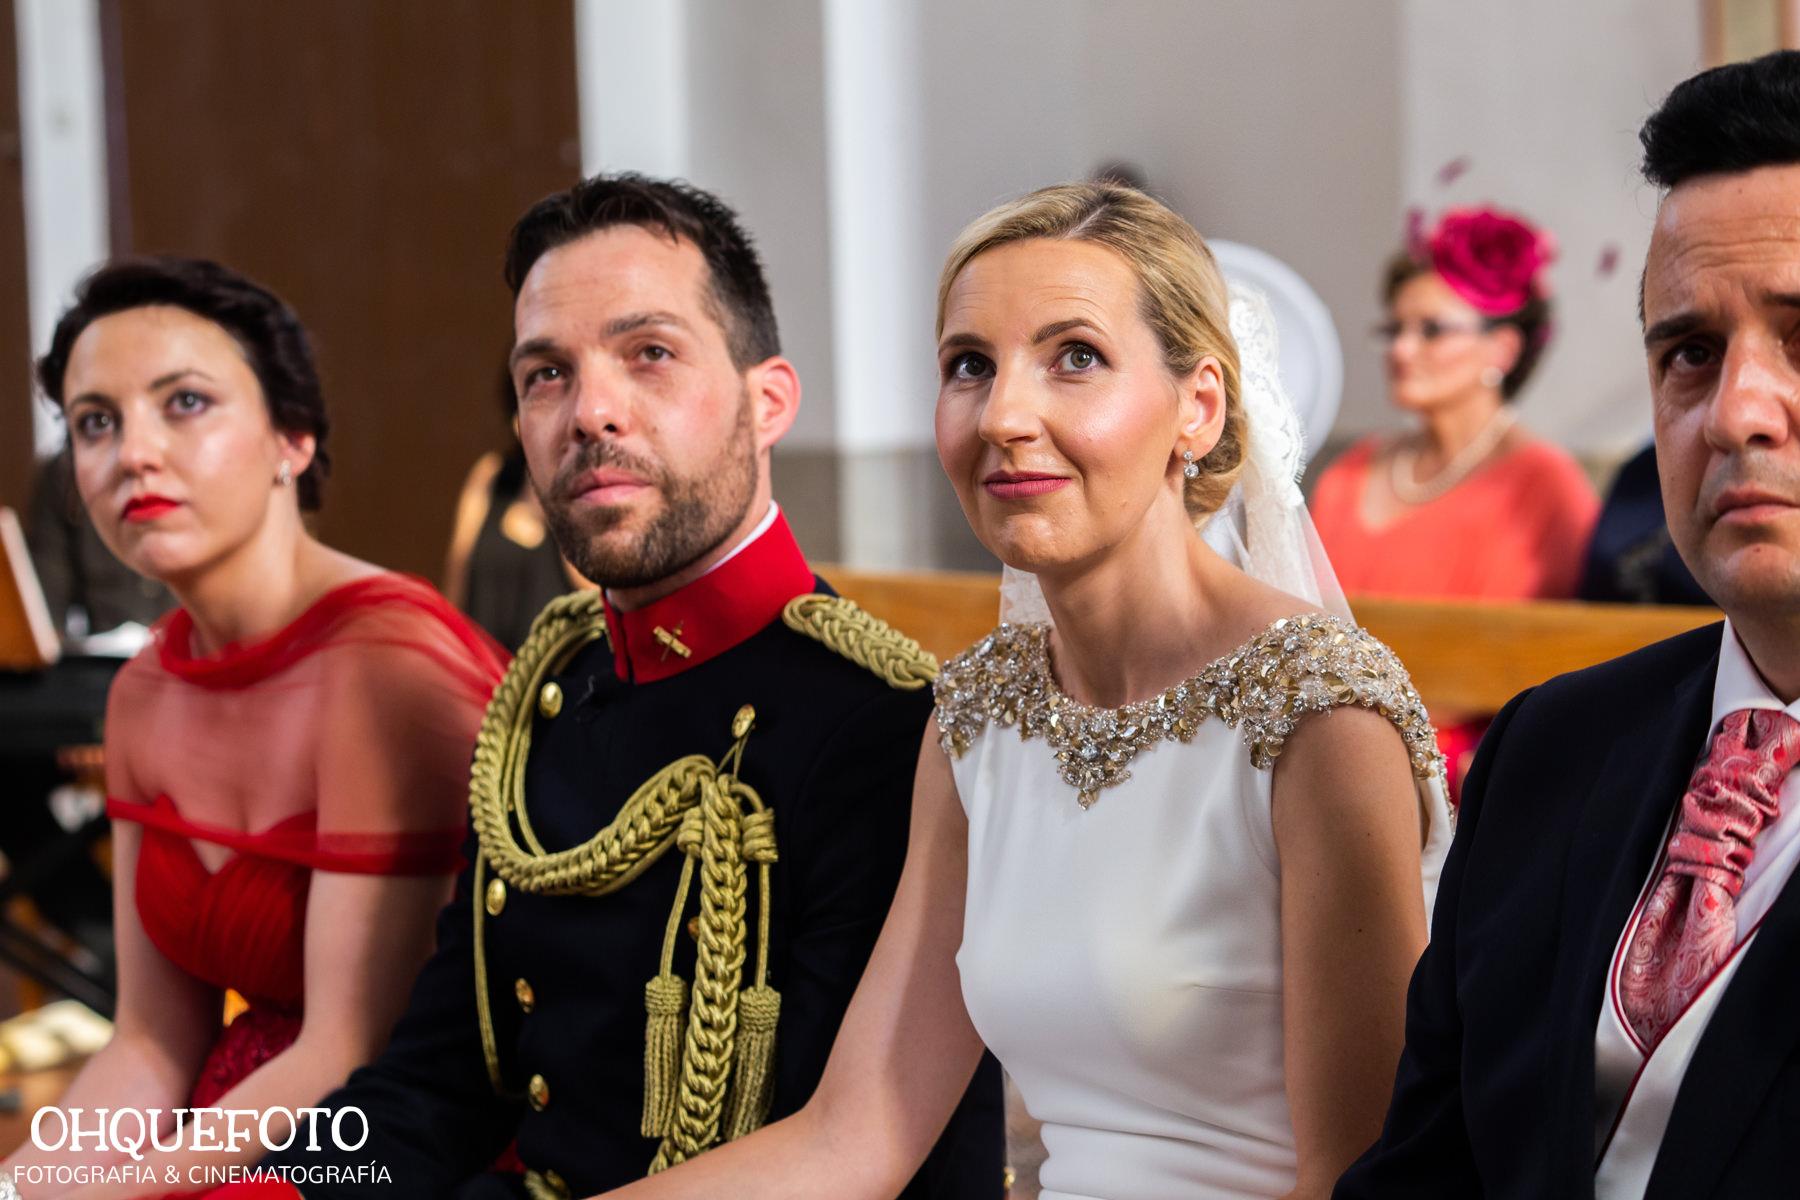 boda en la peraleda boda en cabeza del buey boda en capilla reportaje de bodas en almaden video de bodas en cordoba455 - Jose y Gema - Boda en Zarza Capilla y la Finca La Peraleda (Chillón)